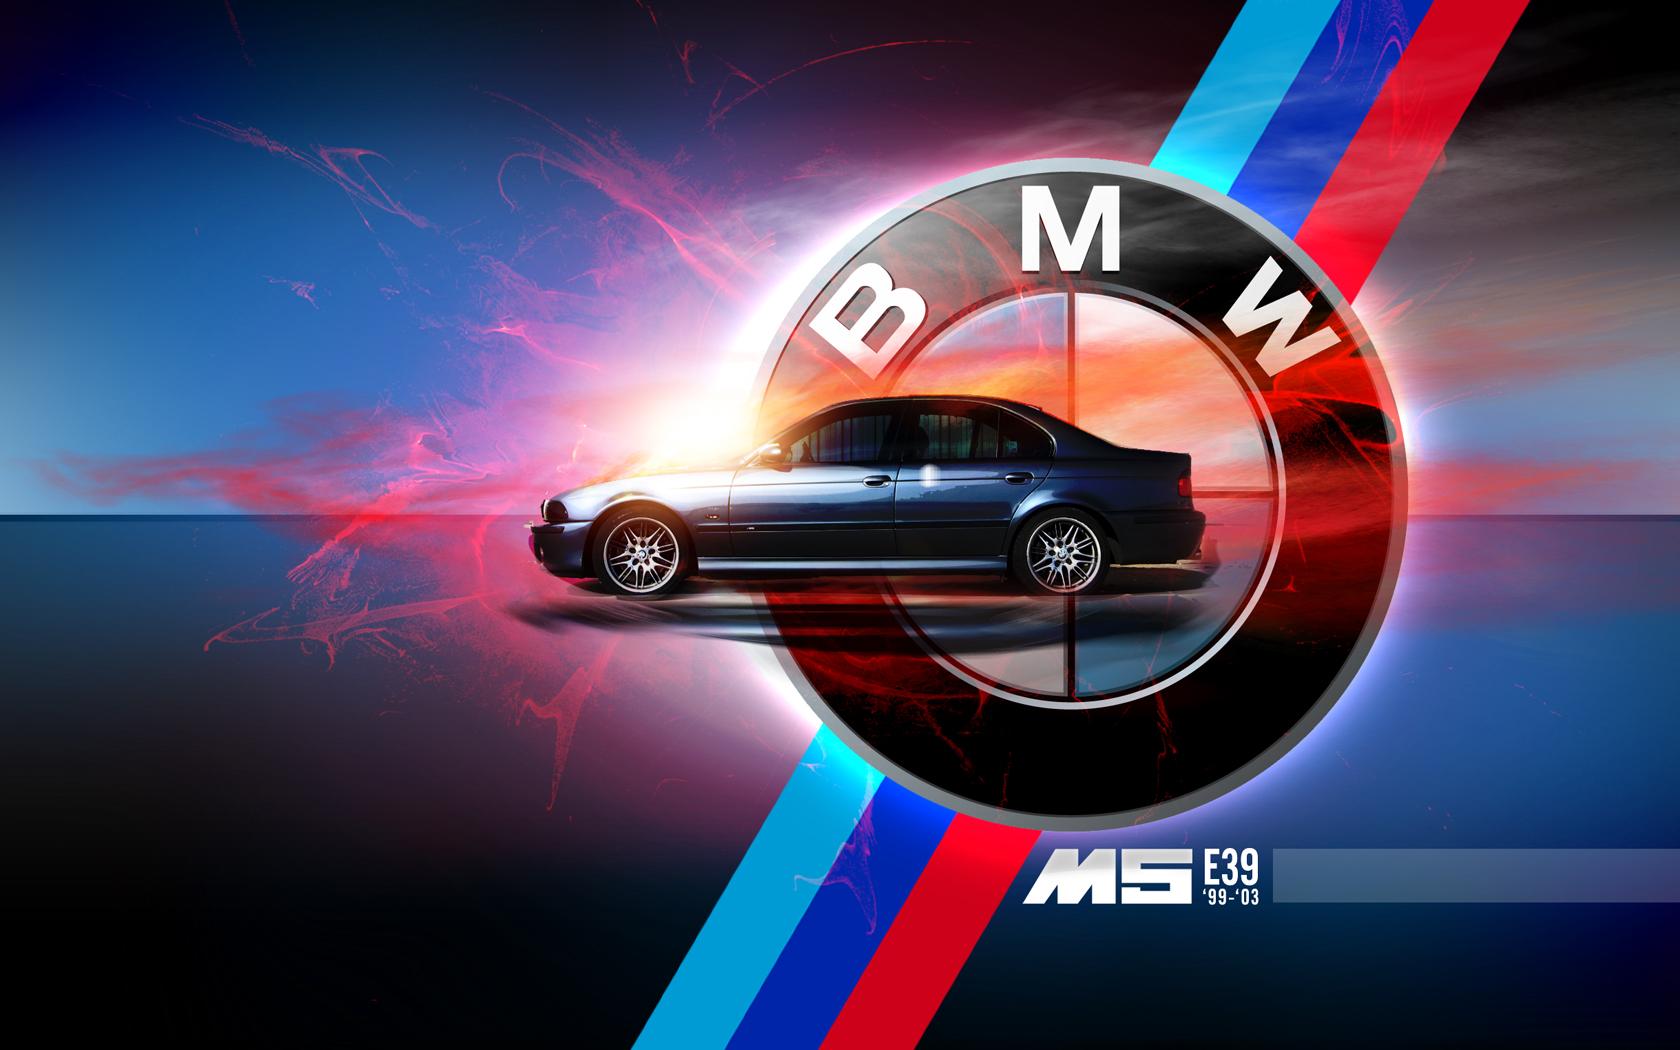 bmw m logo desktop wallpaper download bmw m logo wallpaper in hd 1680x1050